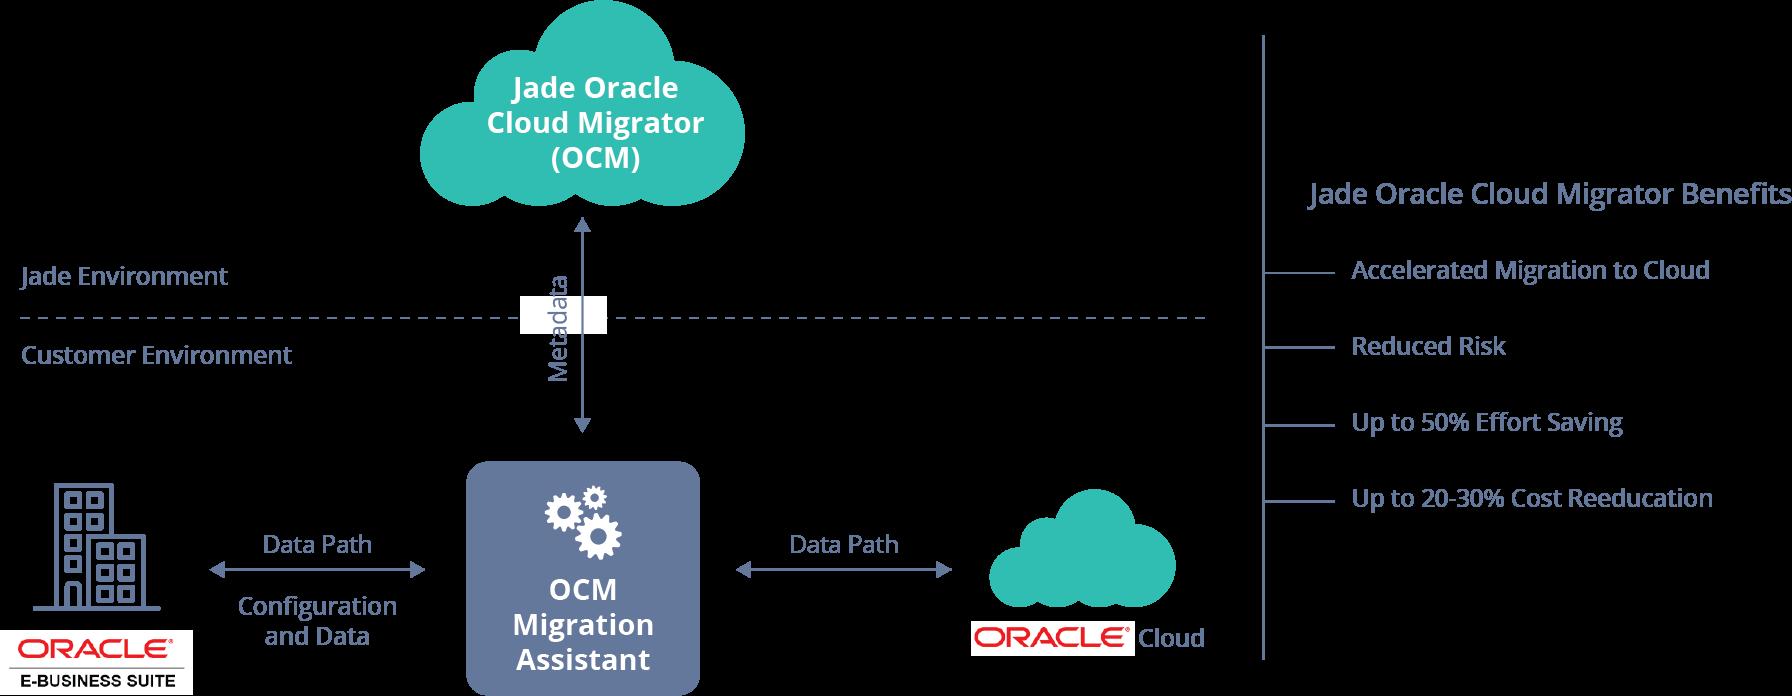 Oracle Cloud Migrator (OCM)